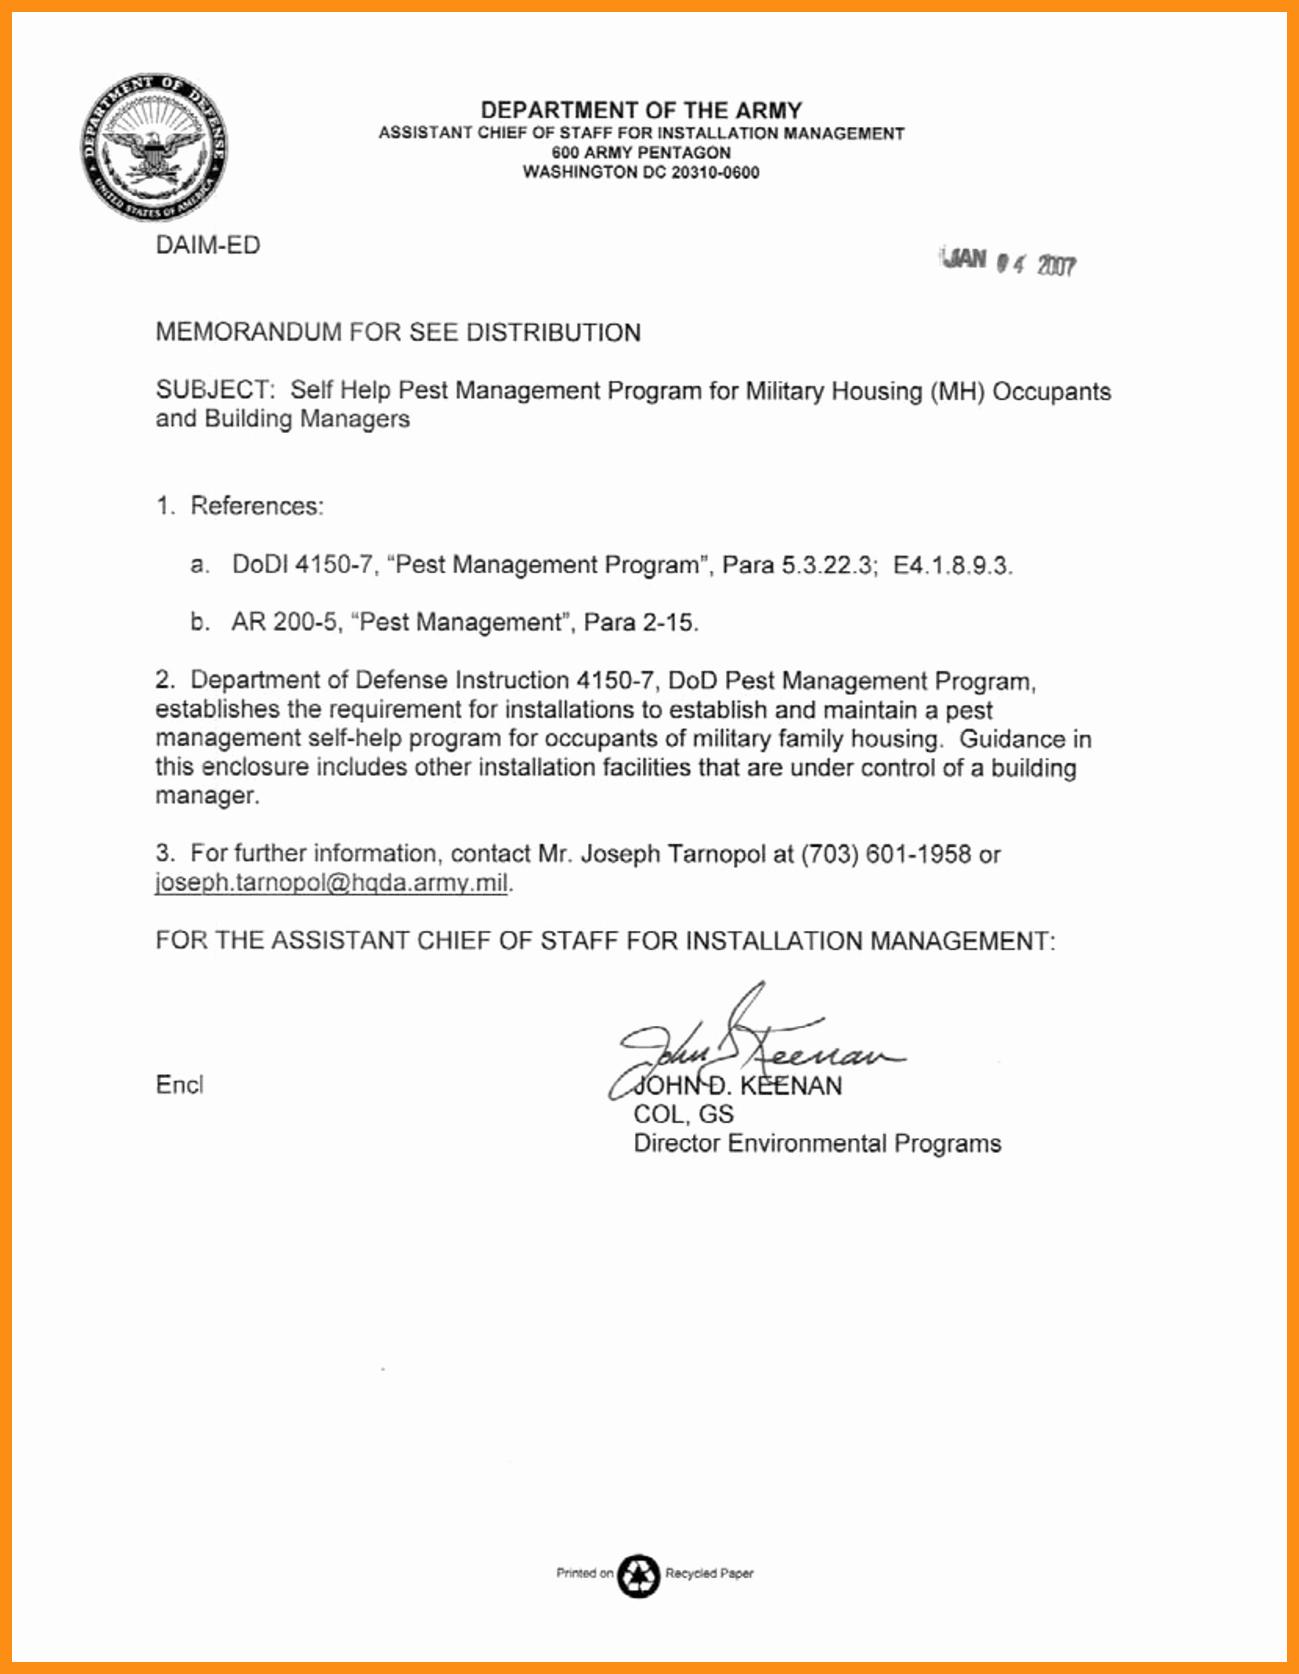 Army Memorandum for Record Template Elegant 11 12 Example Army Memorandum for Record